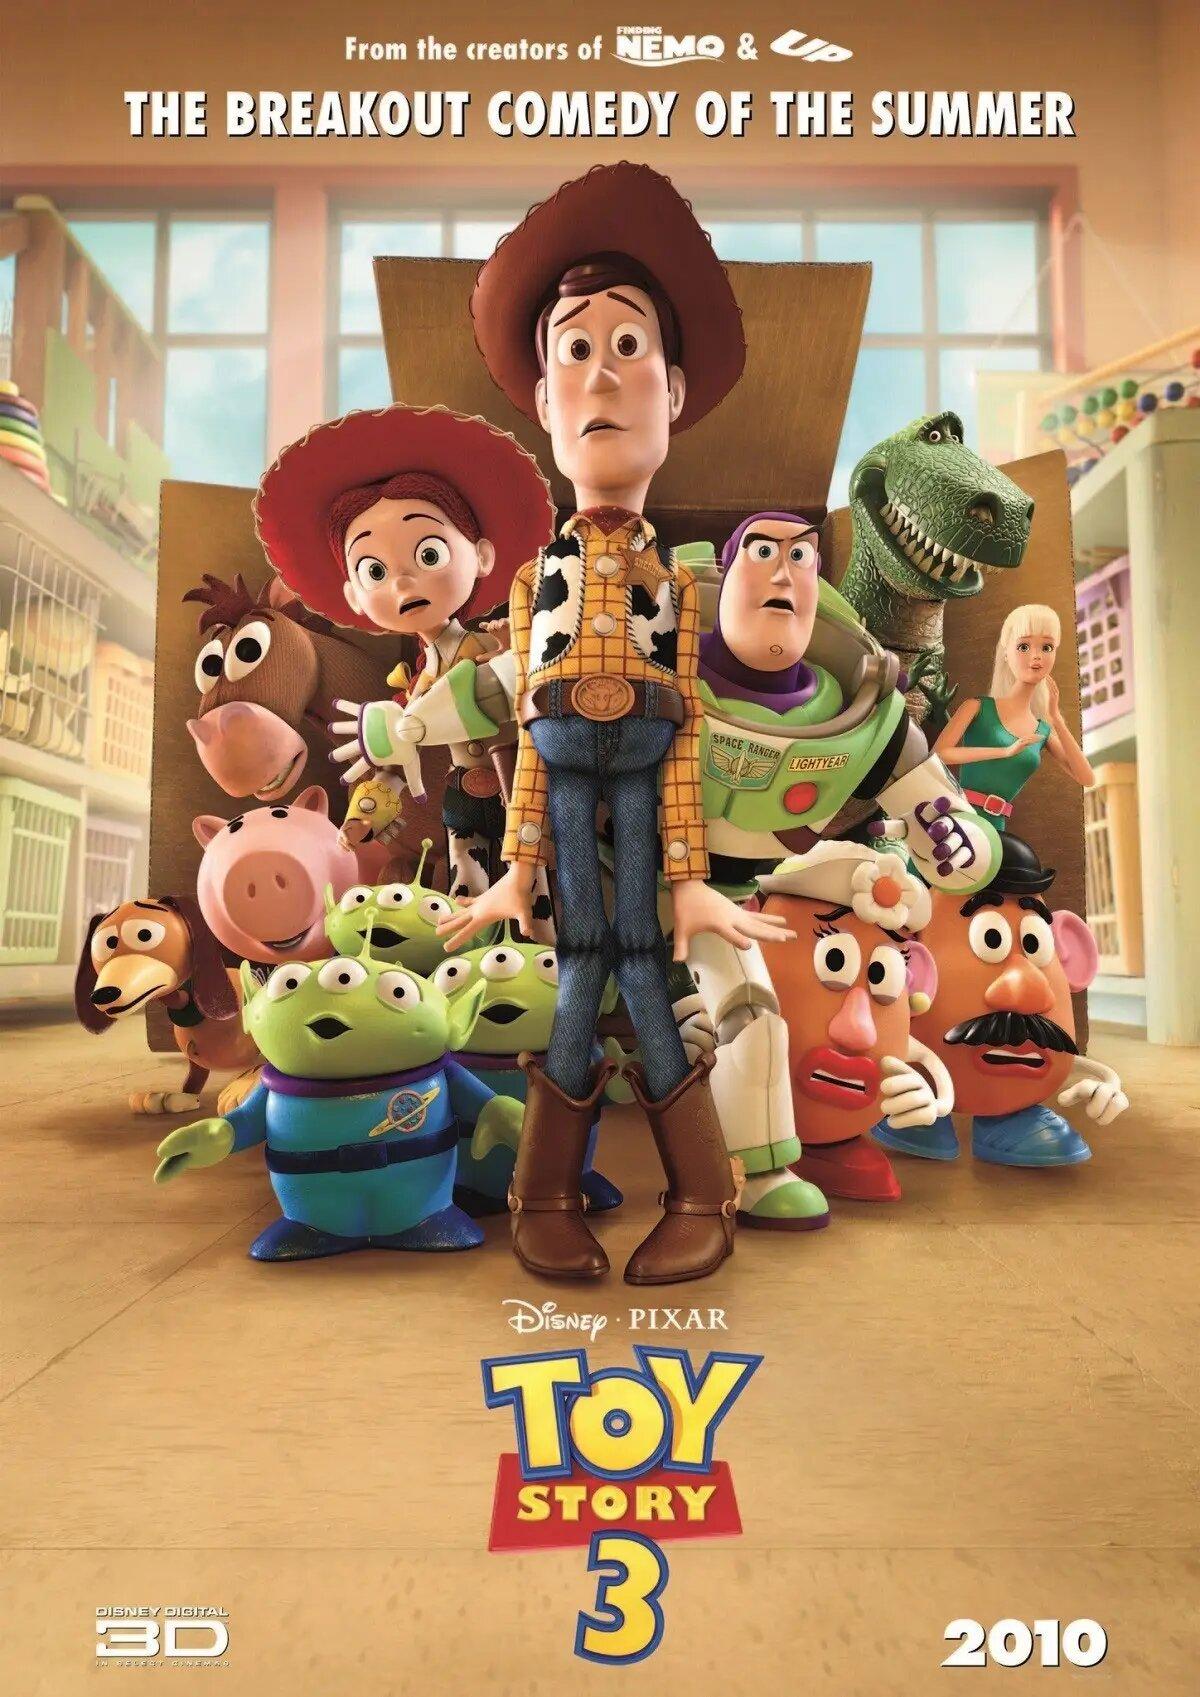 En Toy Story 3, los creativos tuvieron que dibujar la mayor cantidad de bocetos entre las tres películas. Solo en la tercera entrega elaboraron 92.854 artes.